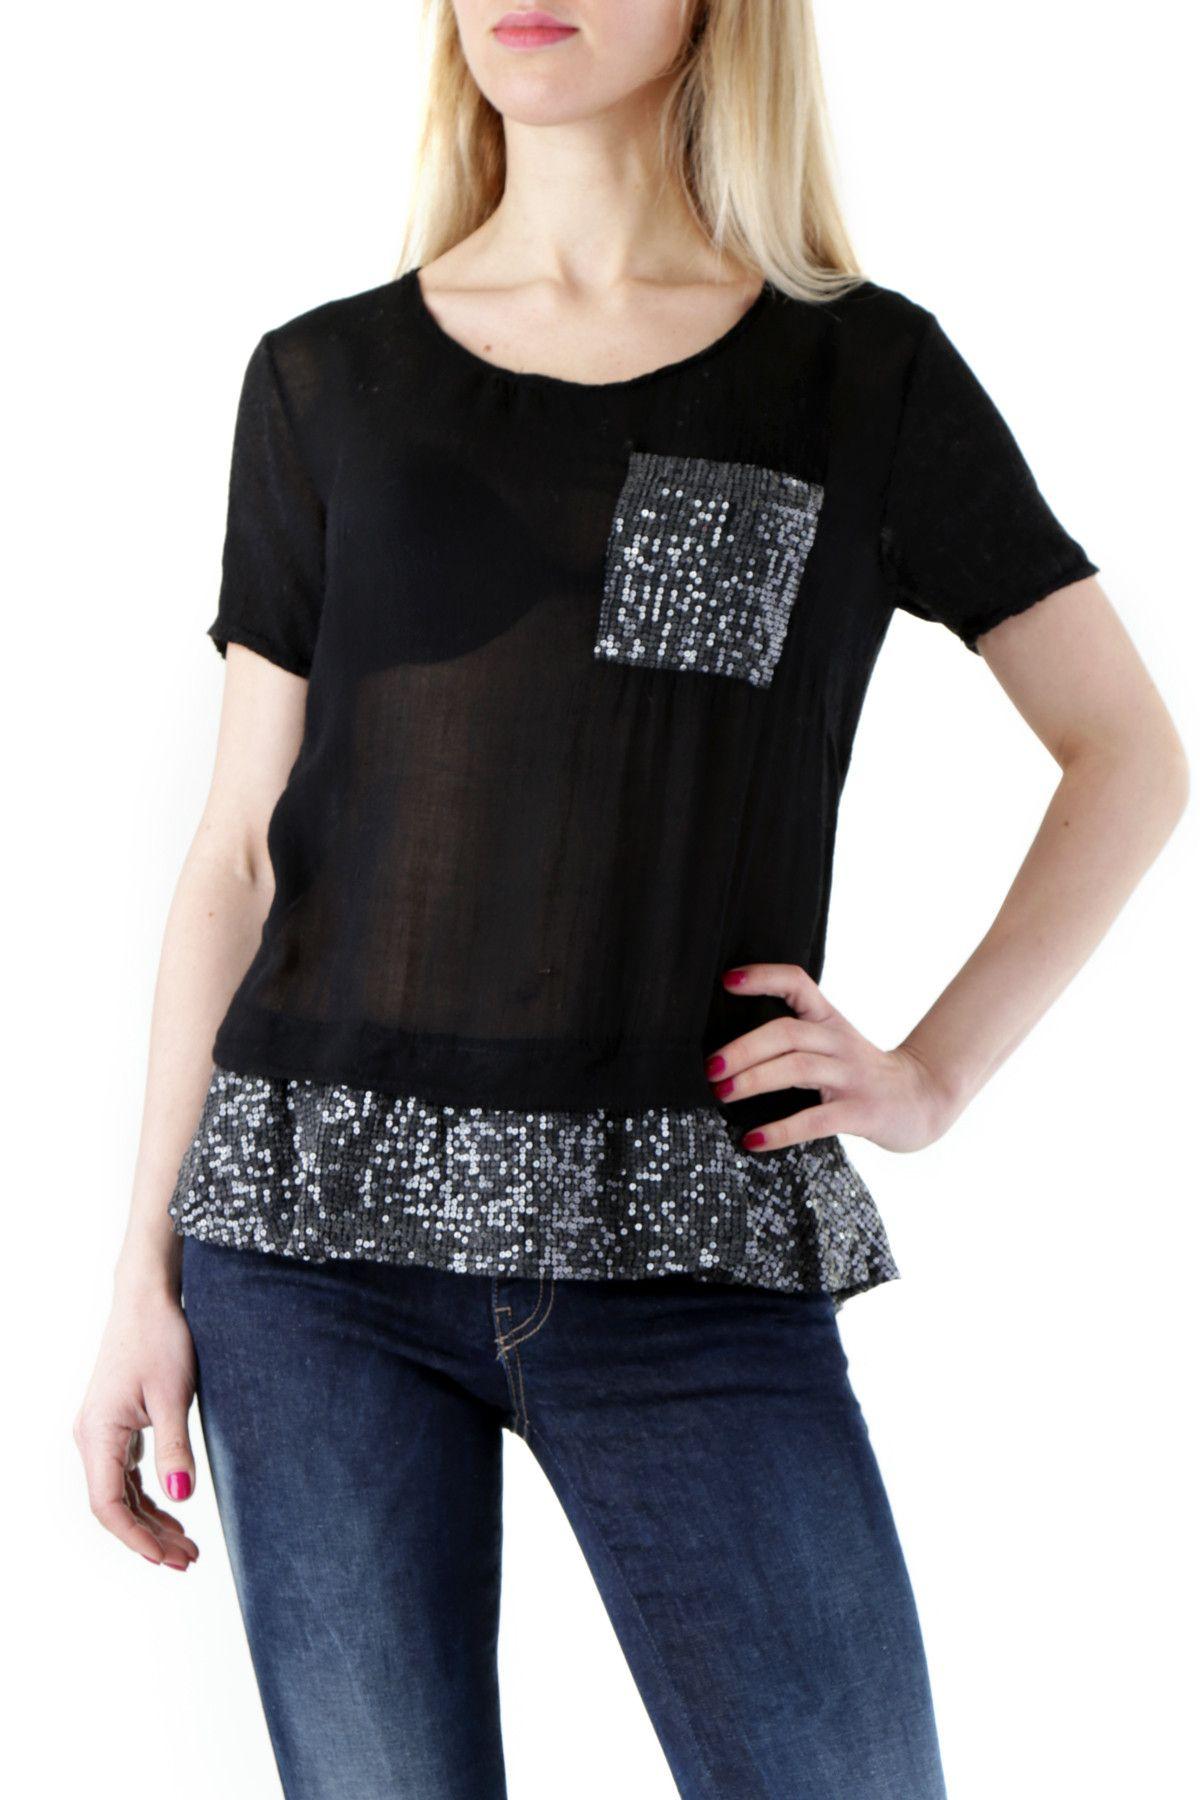 525 Women's Blouse In Black